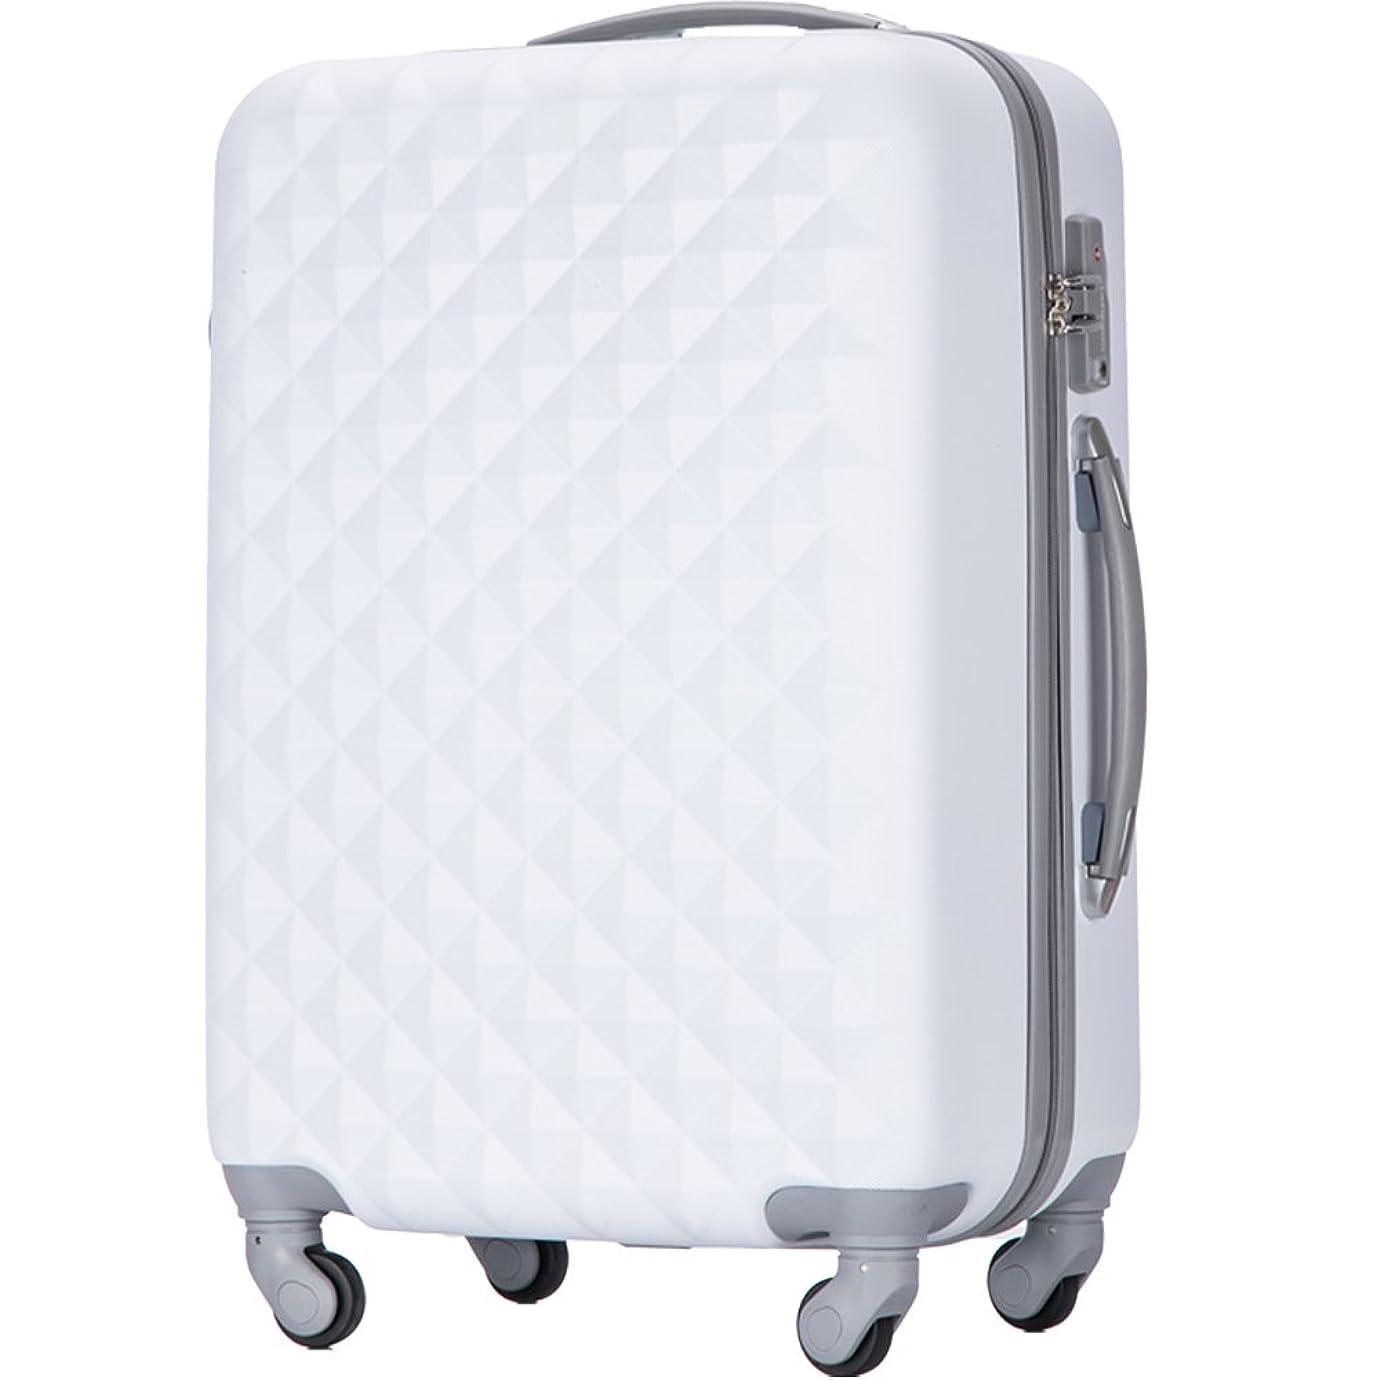 アクティブ分離電池(トラベルデパート) 超軽量スーツケース TSAロック付 ダイヤ柄